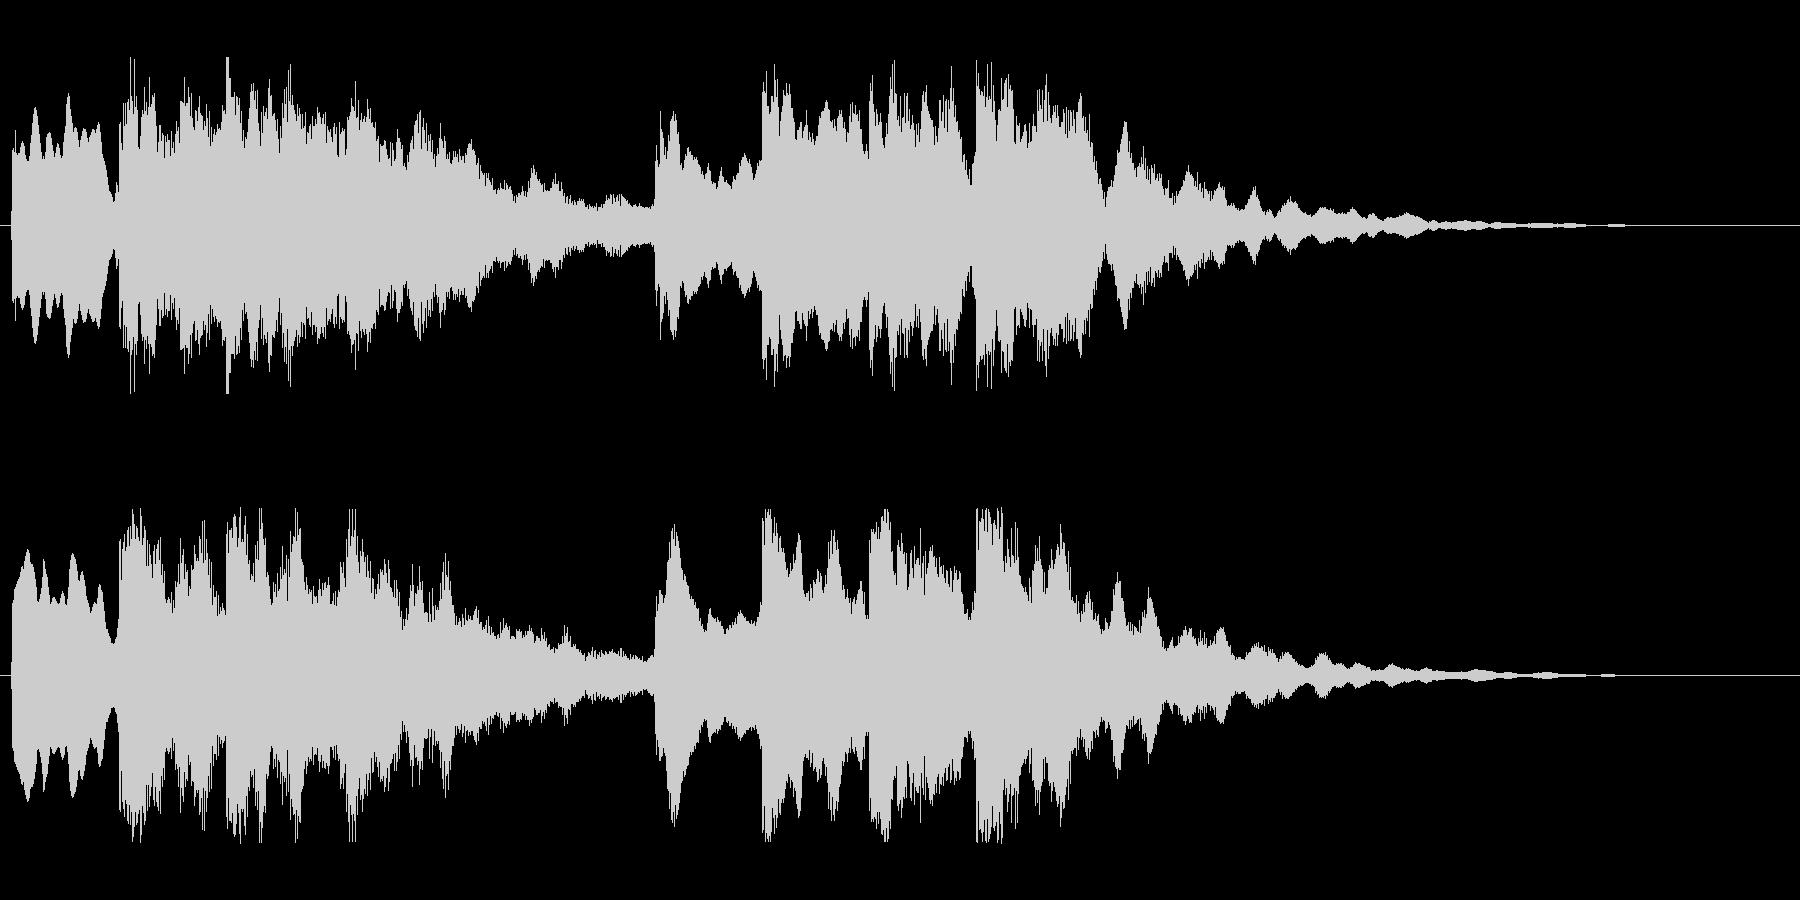 キーンコーンカーンコーン03(通常1回)の未再生の波形